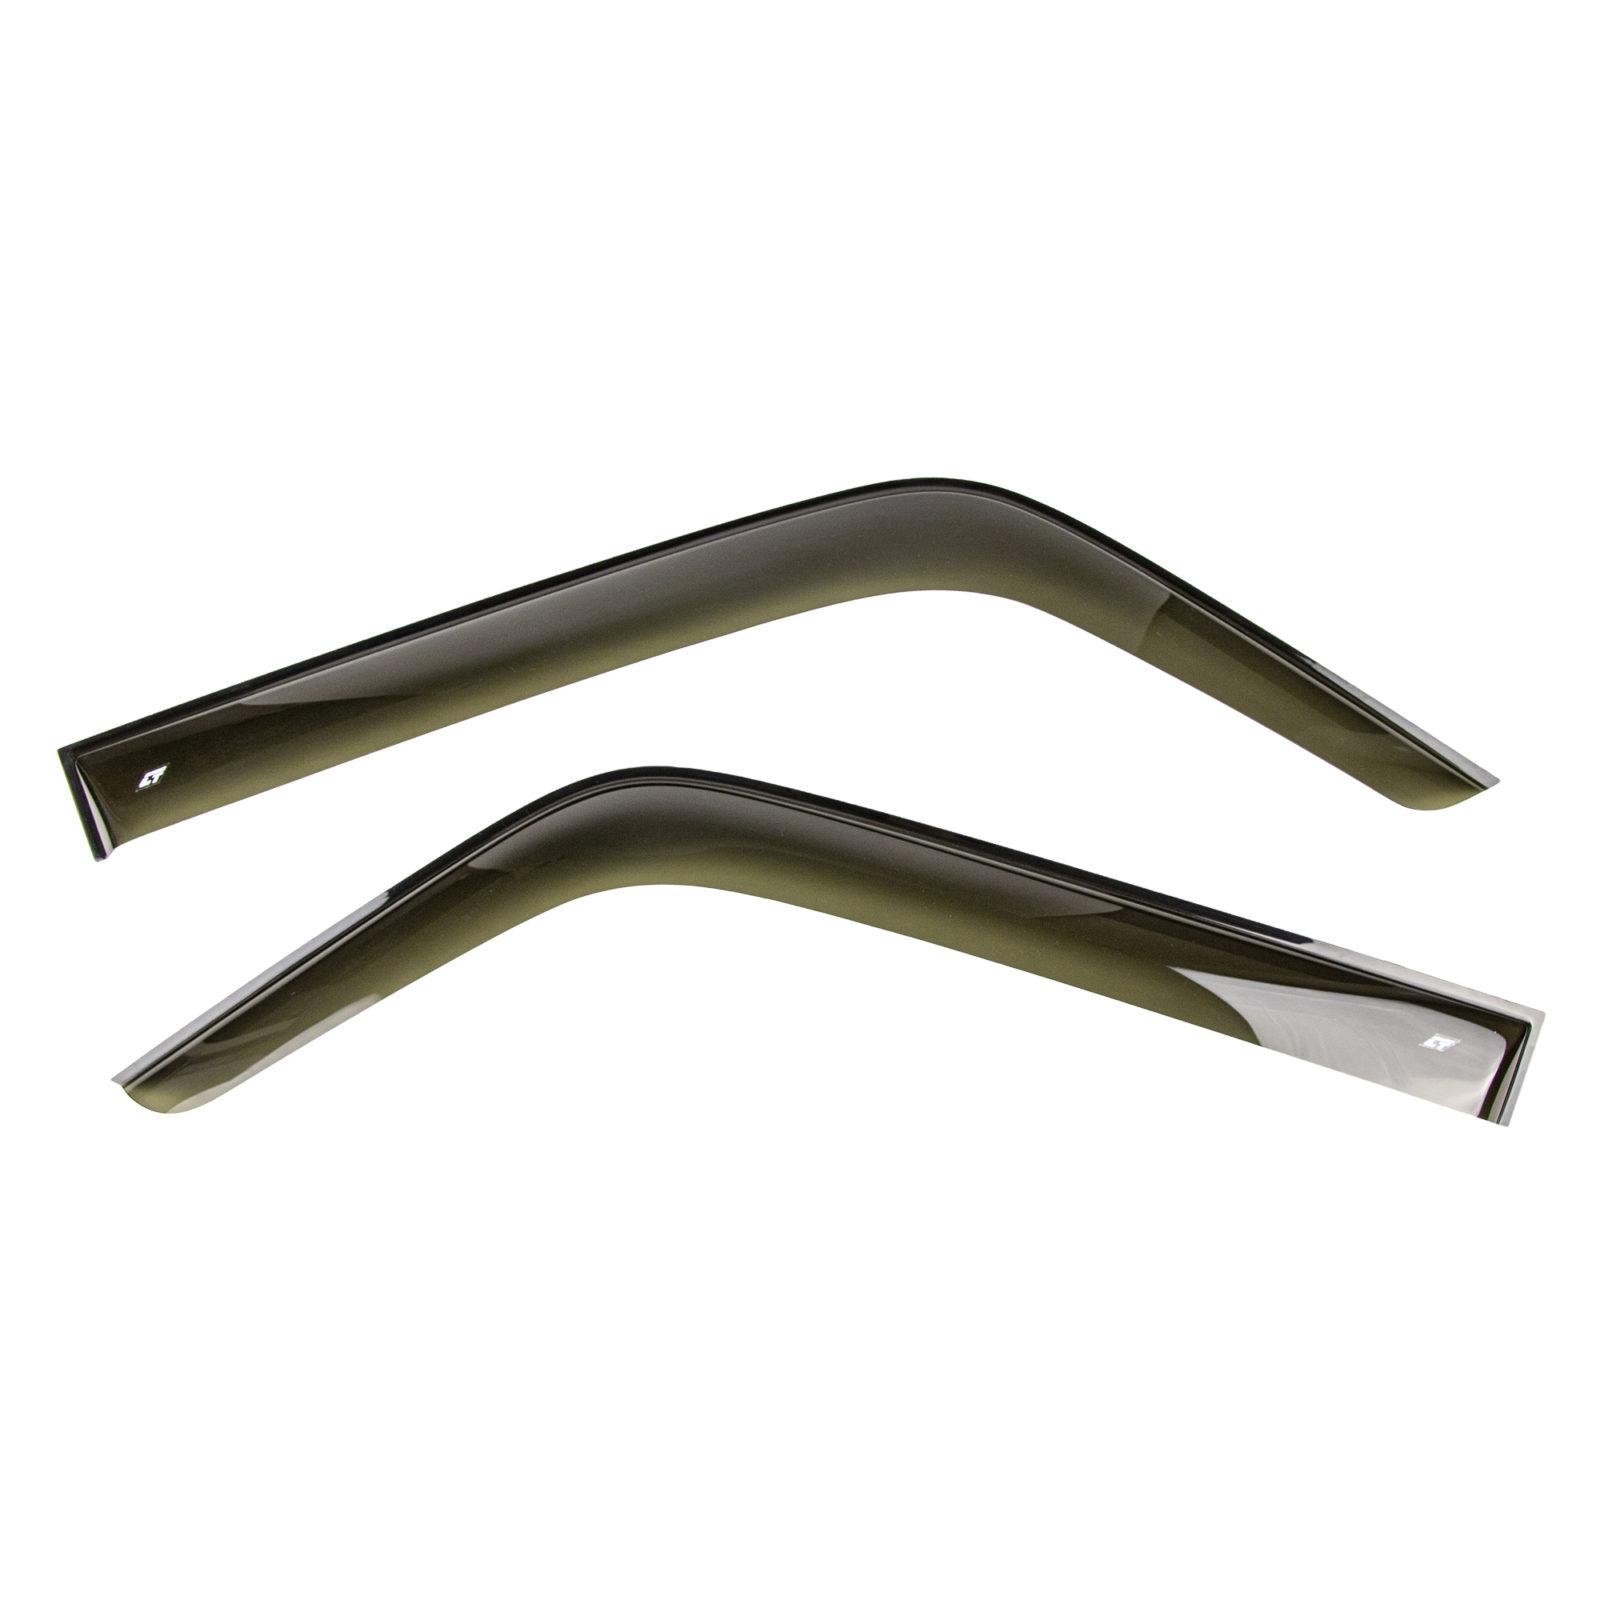 Дефлекторы боковых стекол (ветровики) Cobra Tuning для LADA Niva Legend с 2009 г.в.(3дв.)